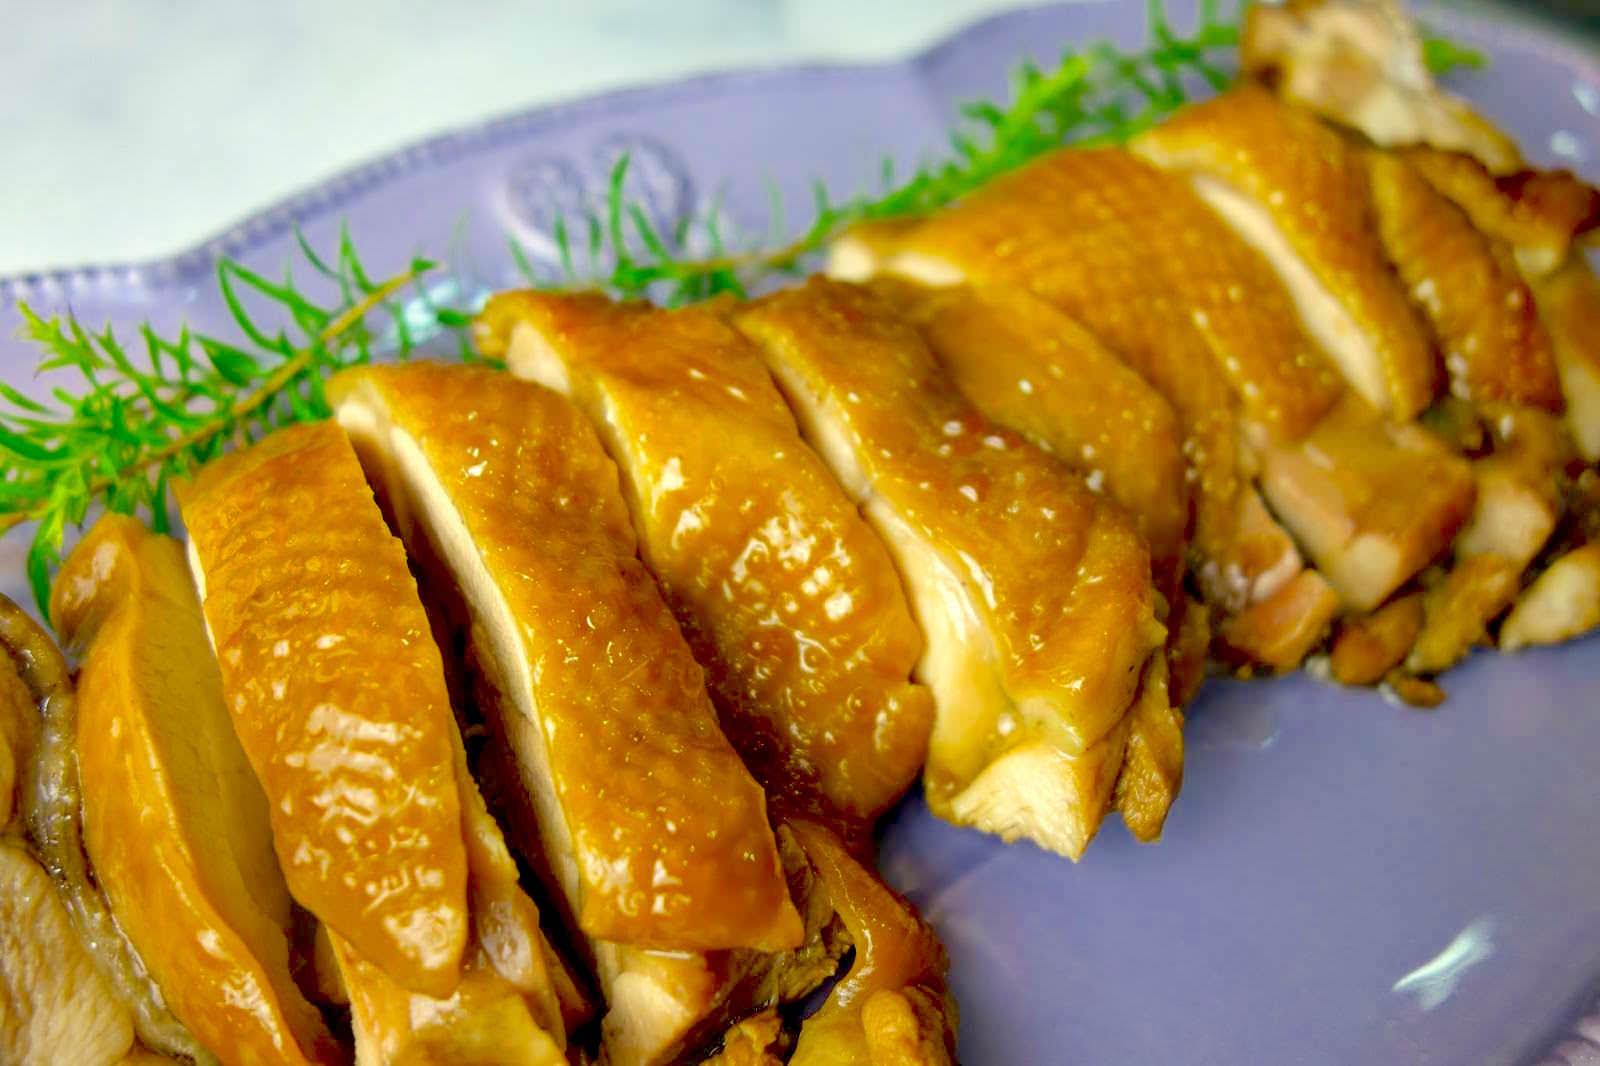 「用電鍋做港式玫瑰油雞」口感鮮甜肉多汁,只要3個步驟就完成!